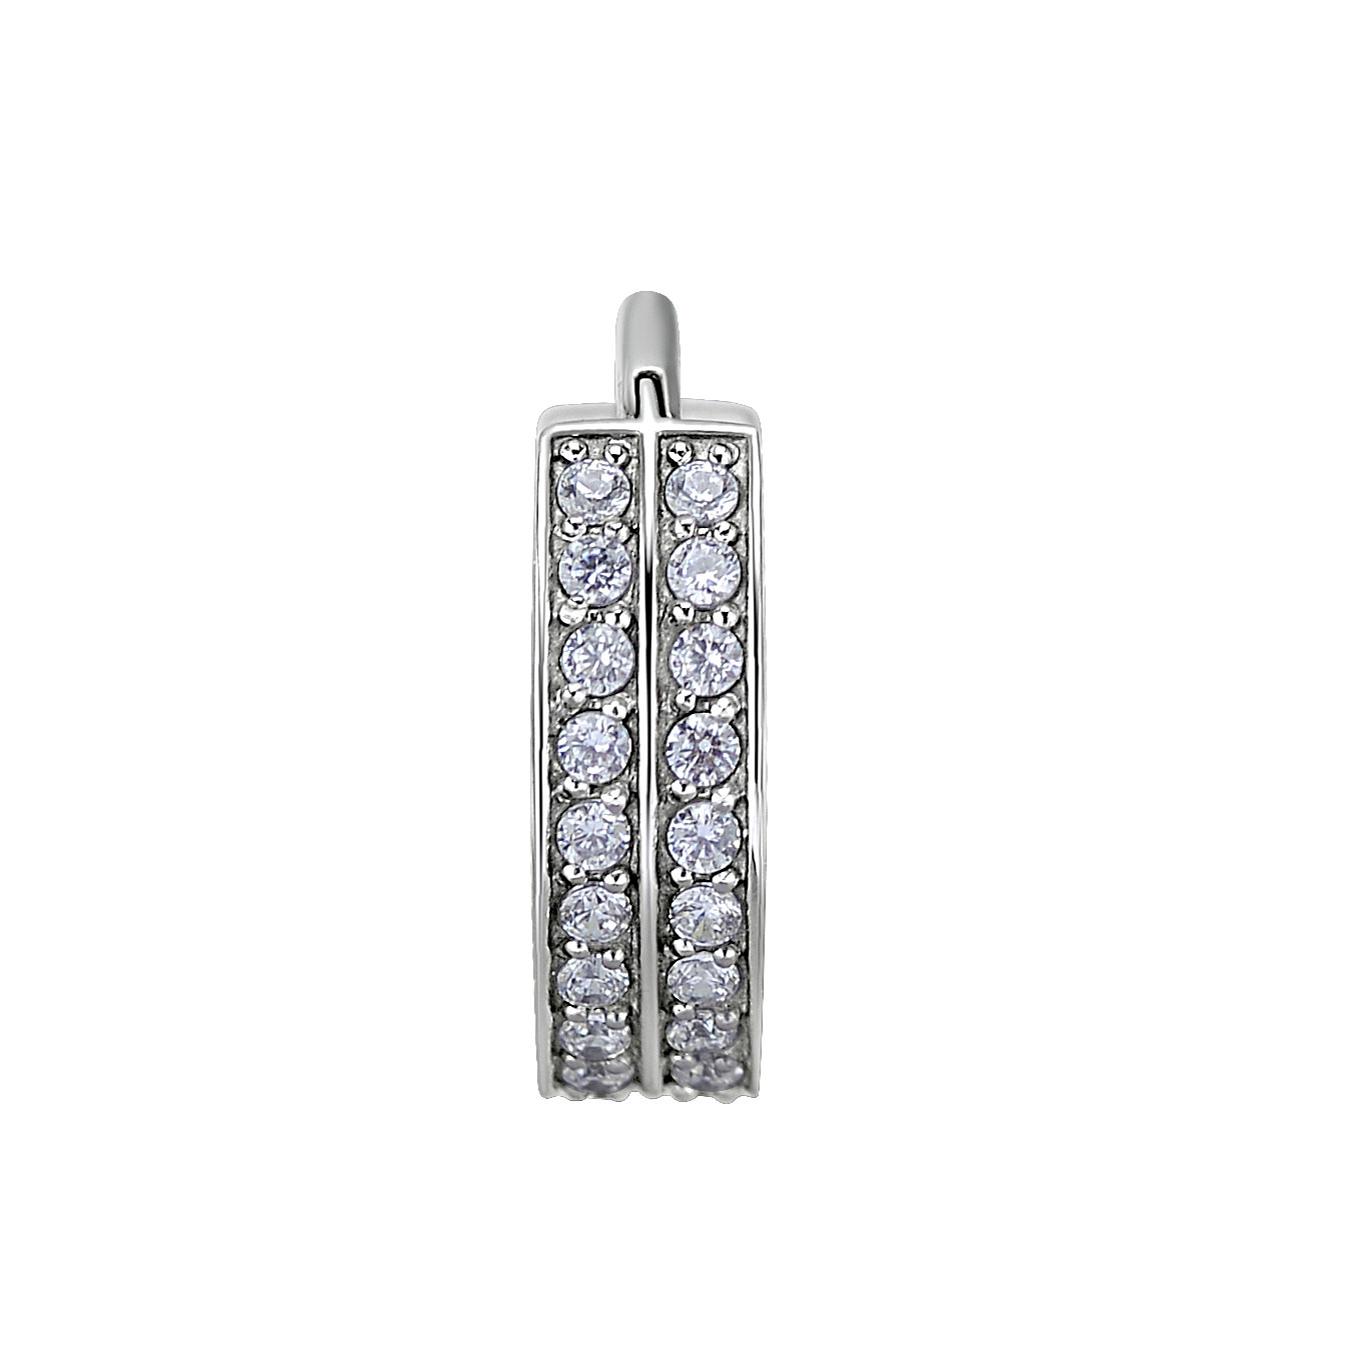 Clicker - dubbelradig kristall - stål